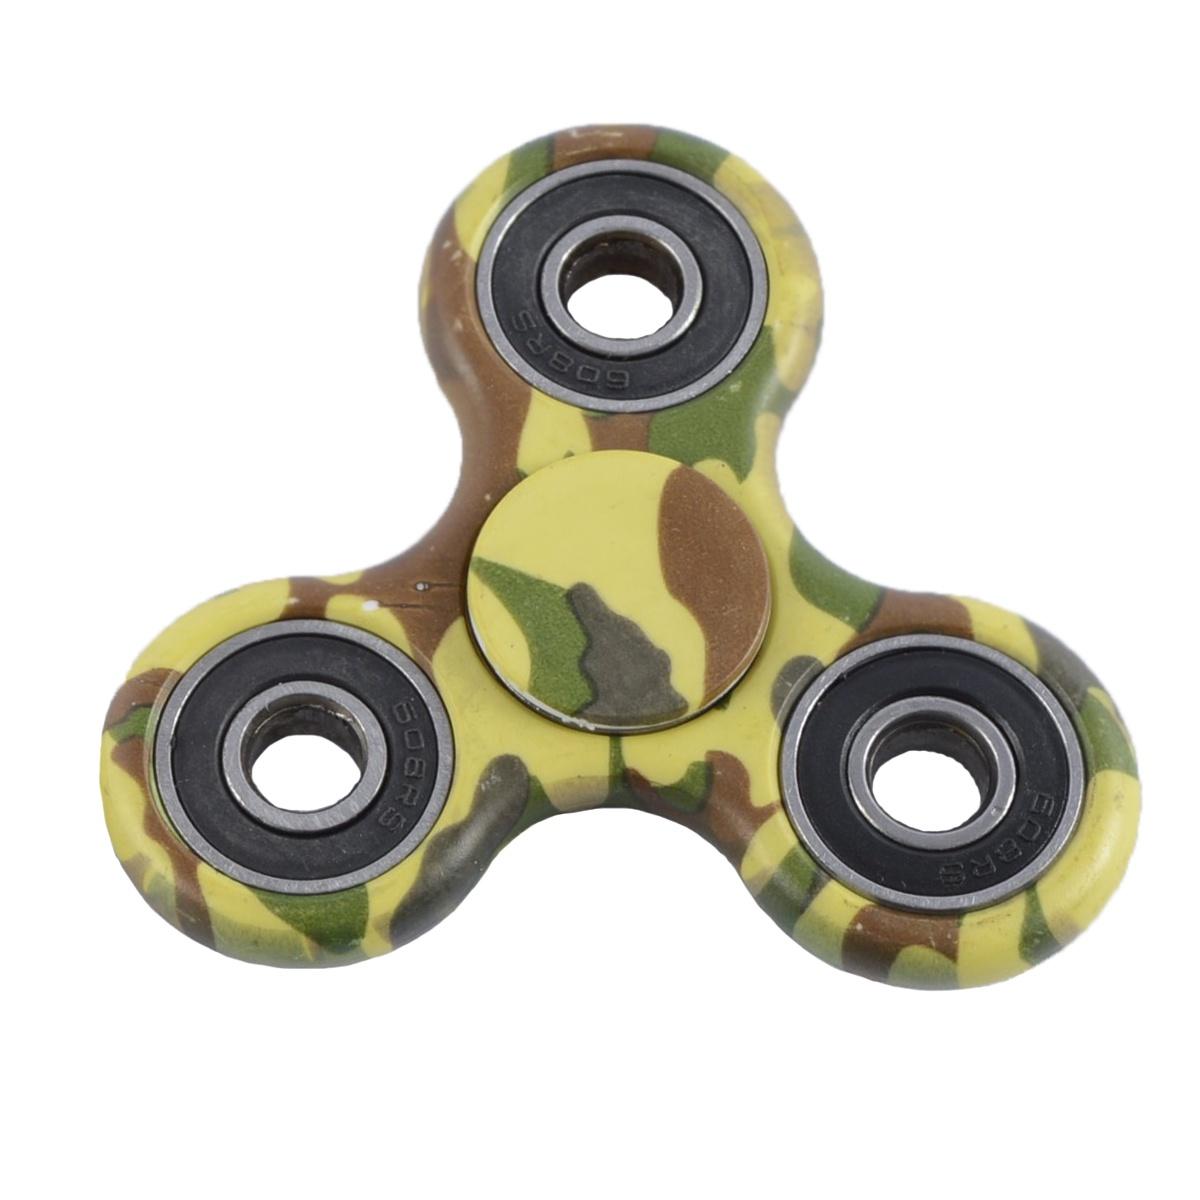 Спиннер Fidget Spinner Антистресс, FSPIN0027 игрушка антистресс спиннер fidget hand spinner